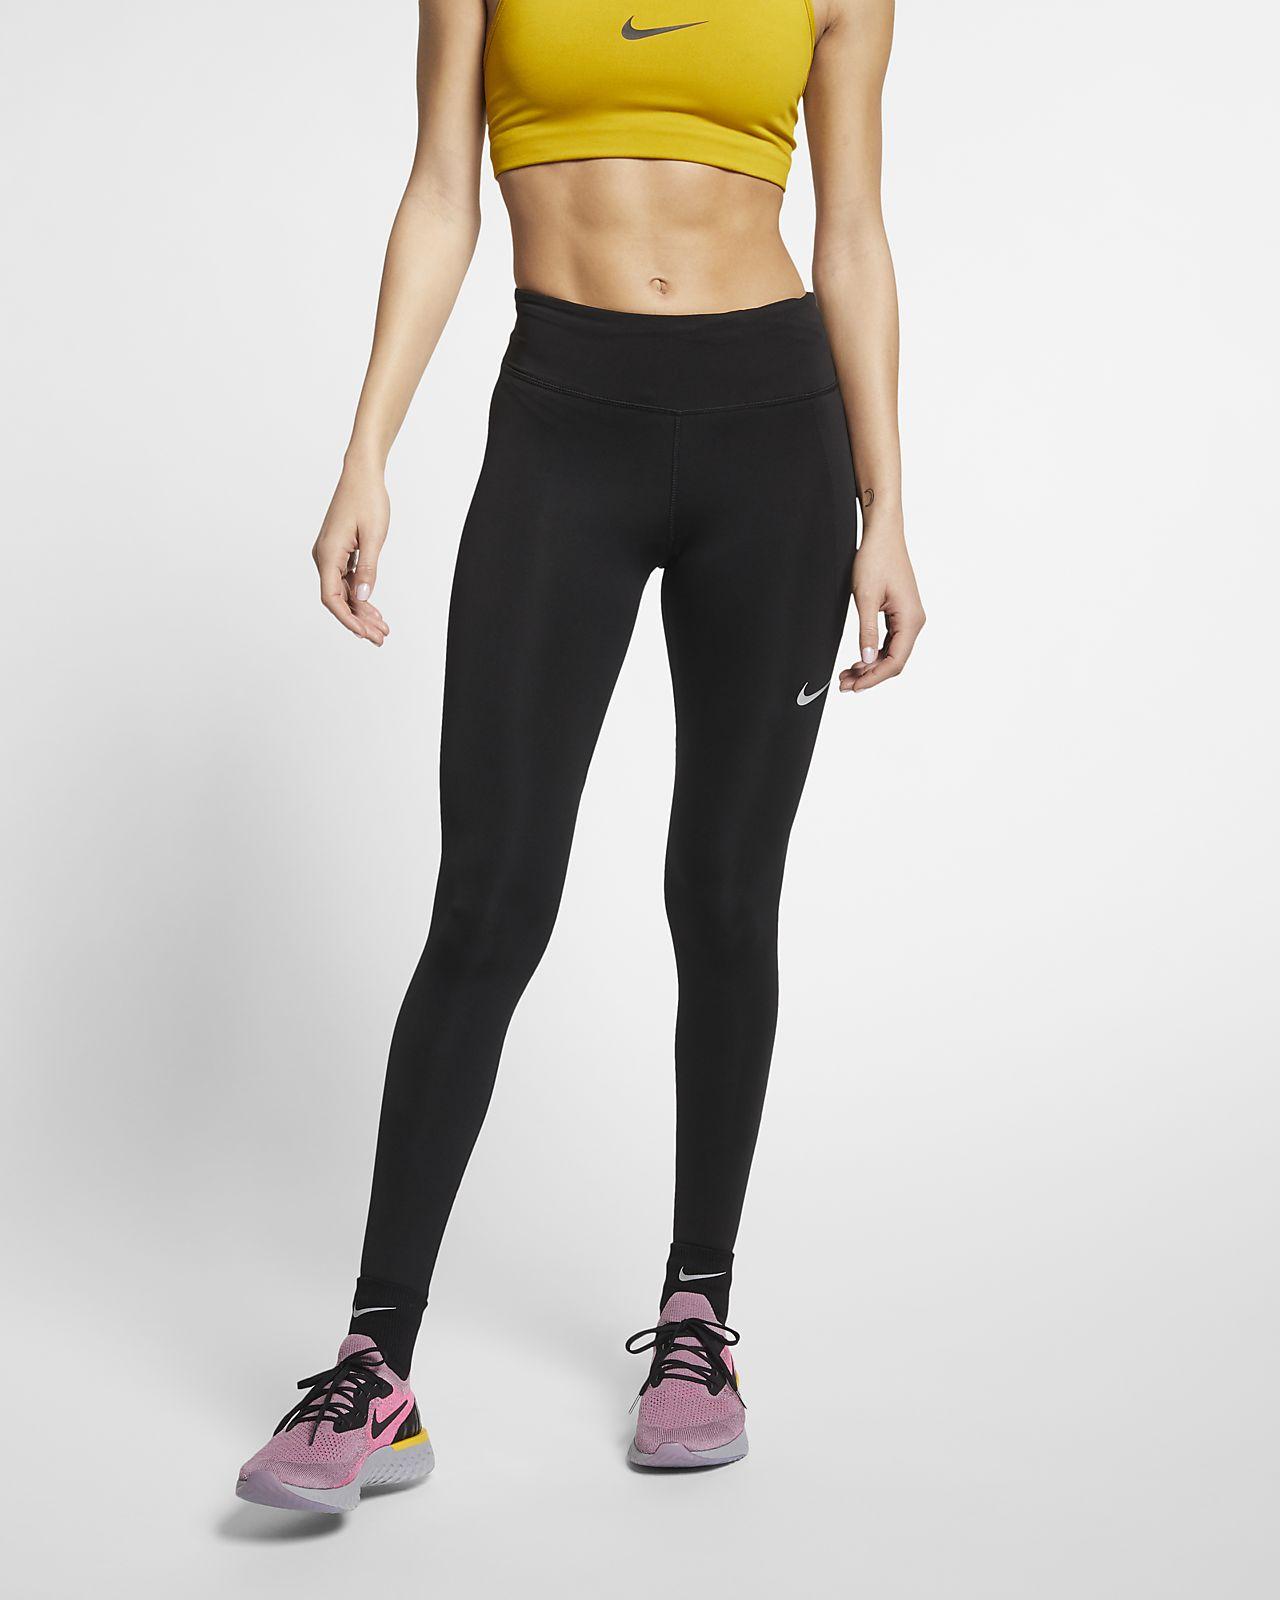 f3d823014e24 Γυναικείο κολάν για τρέξιμο Nike Fast. Nike.com GR